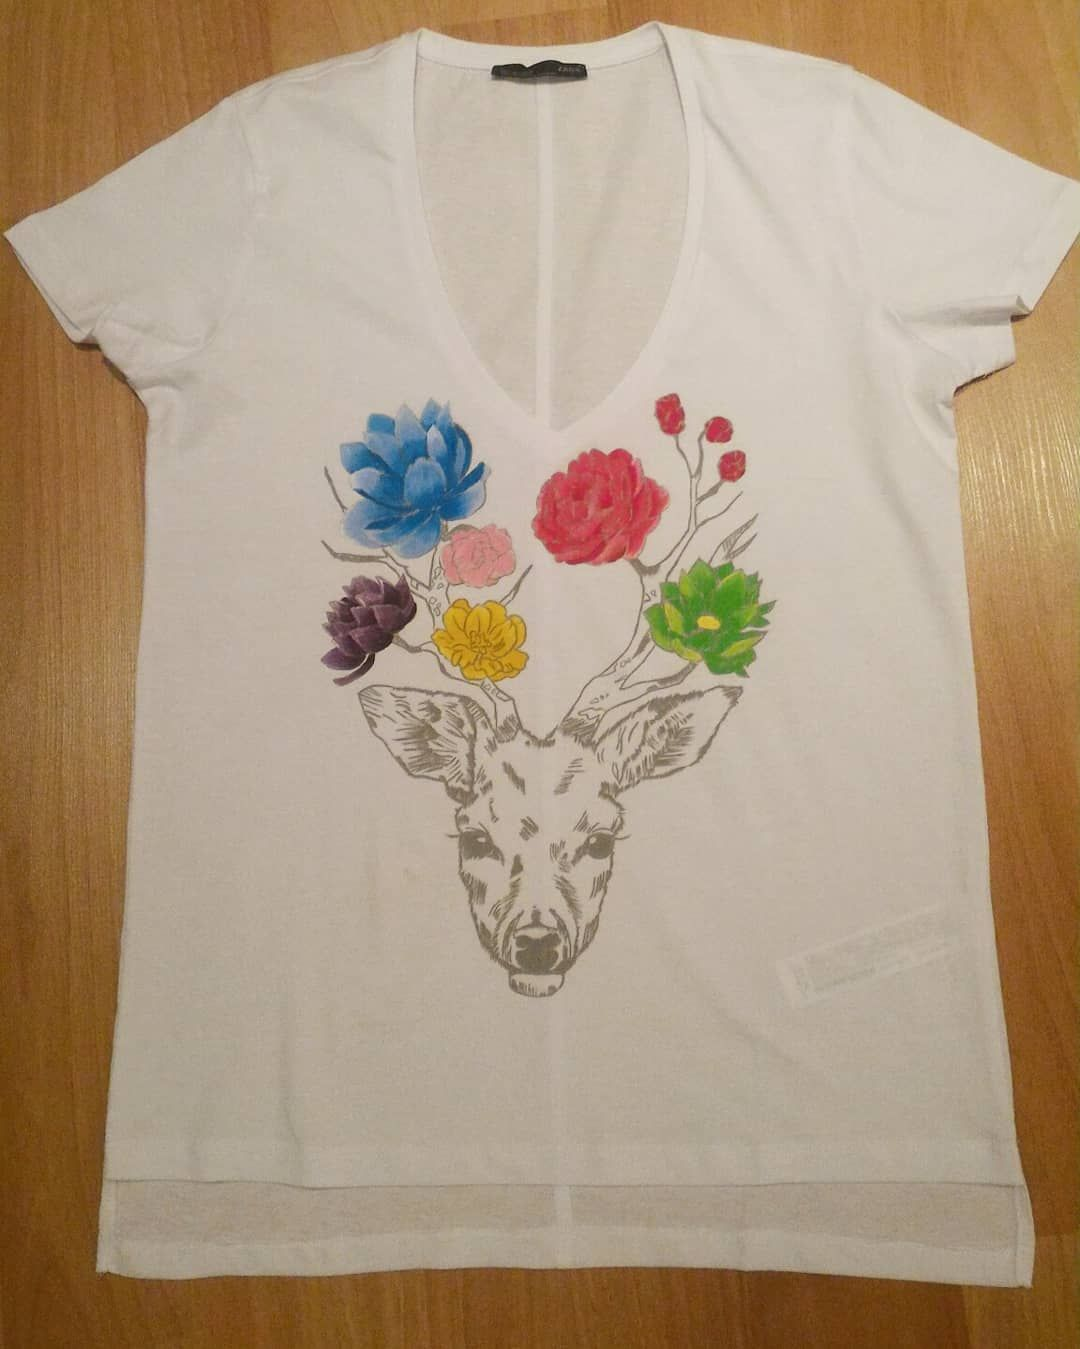 Bahardan Mı Acaba Içim Kıpır Kıpır Kişiye özel Tişört Boyama